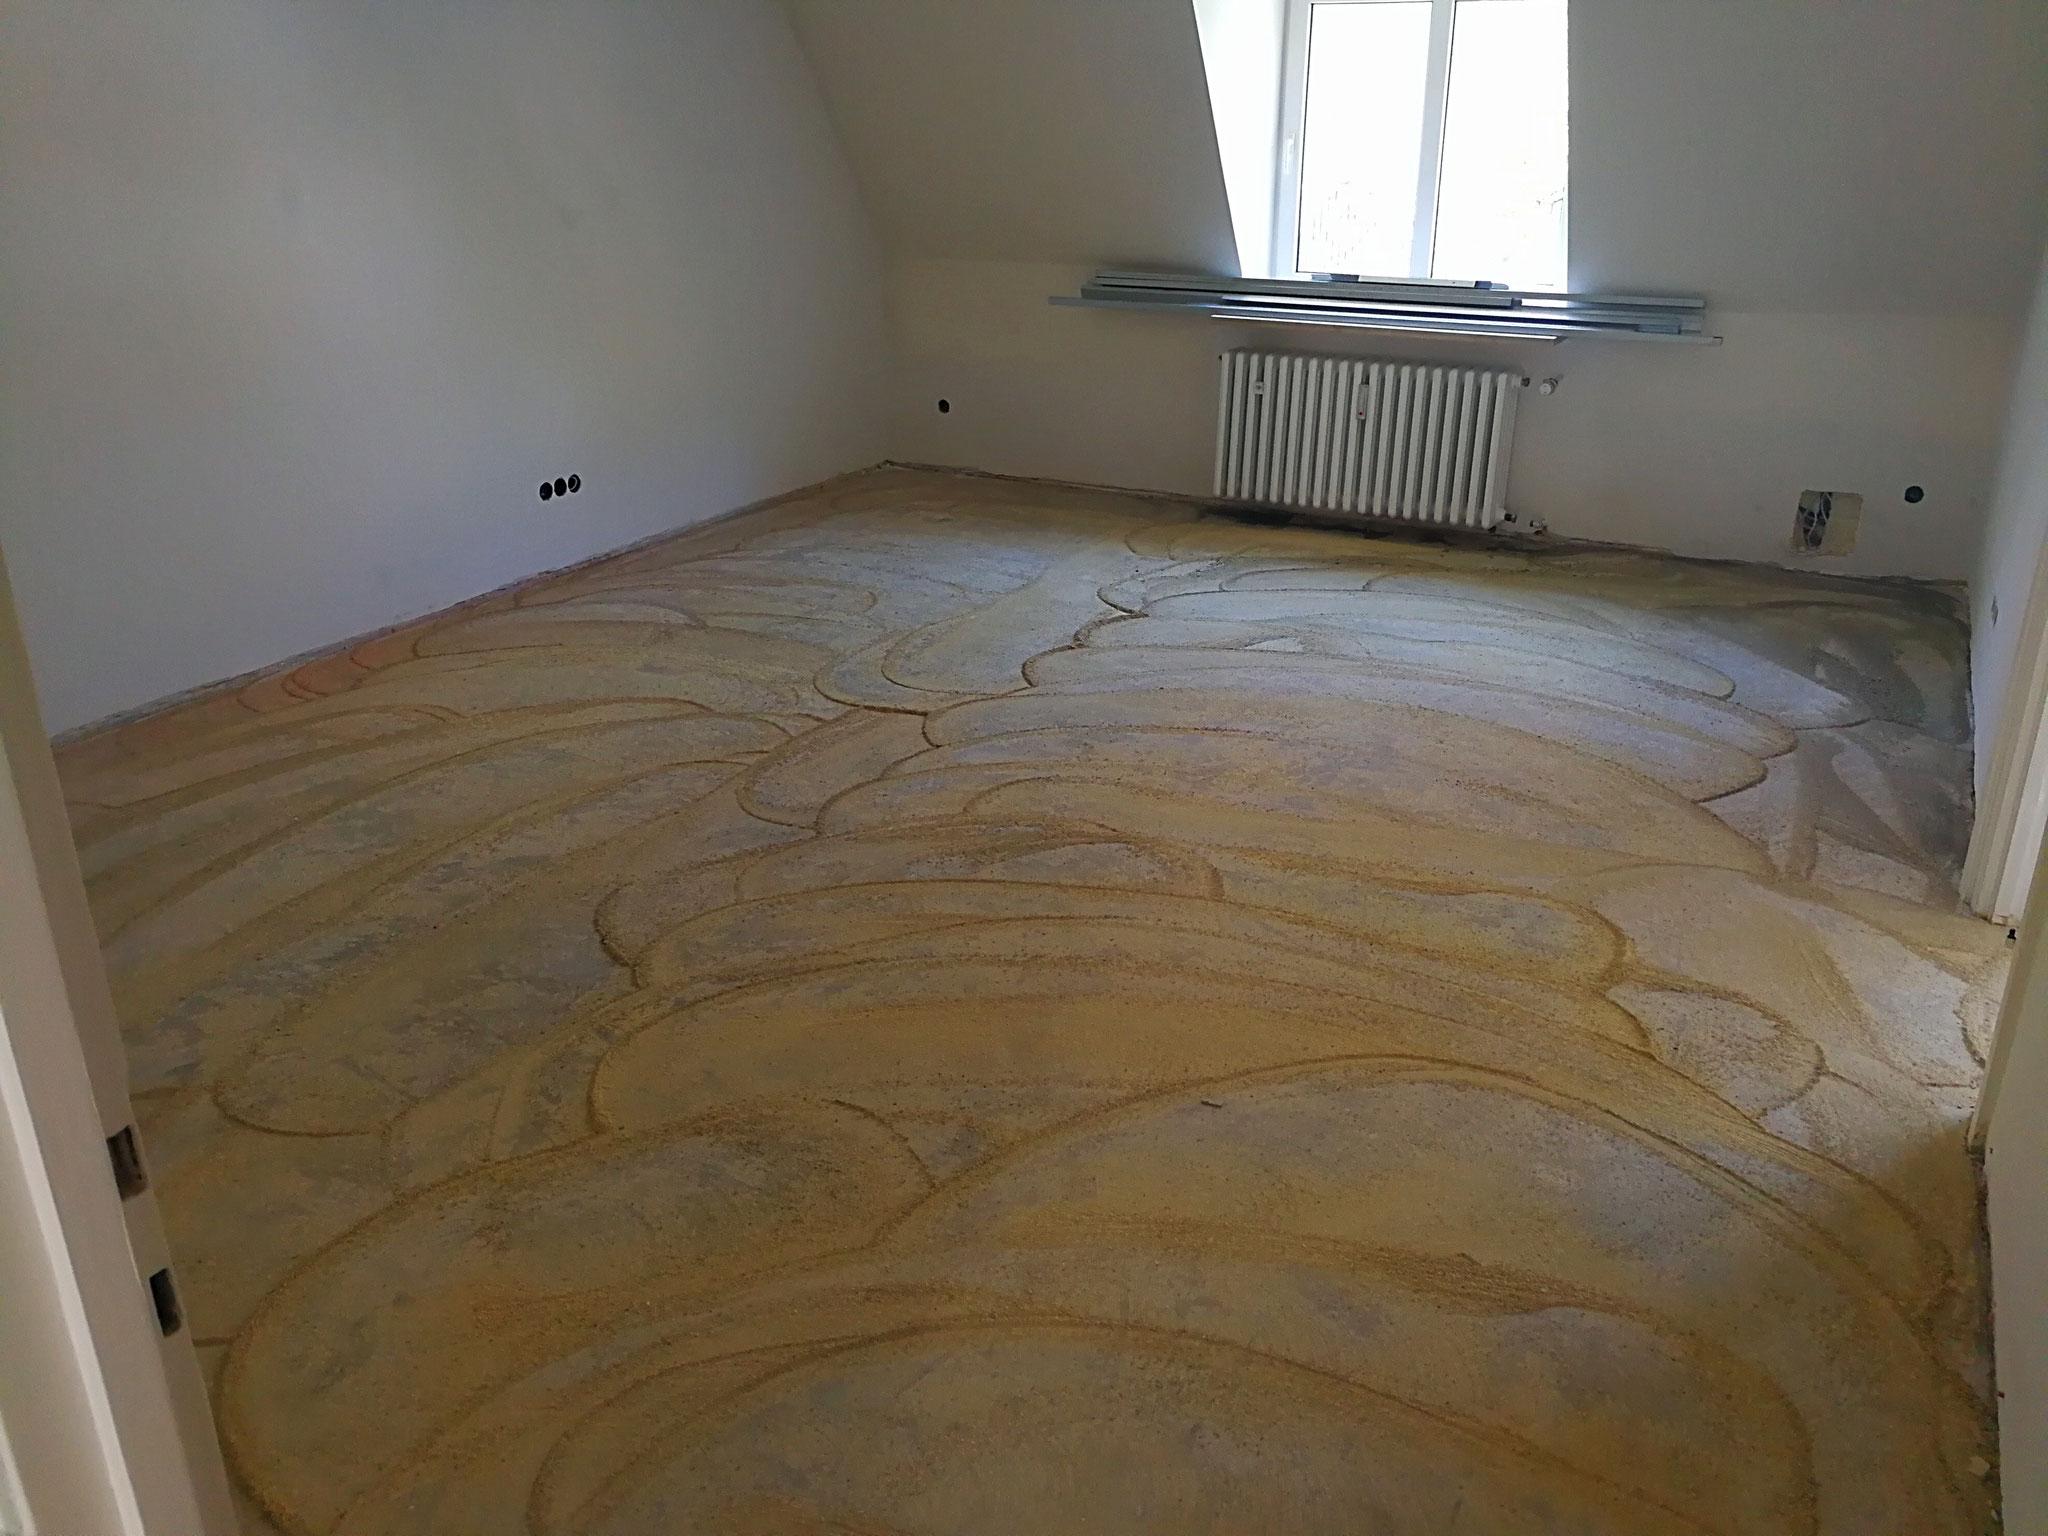 Wohnzimmer Boden geschliffen